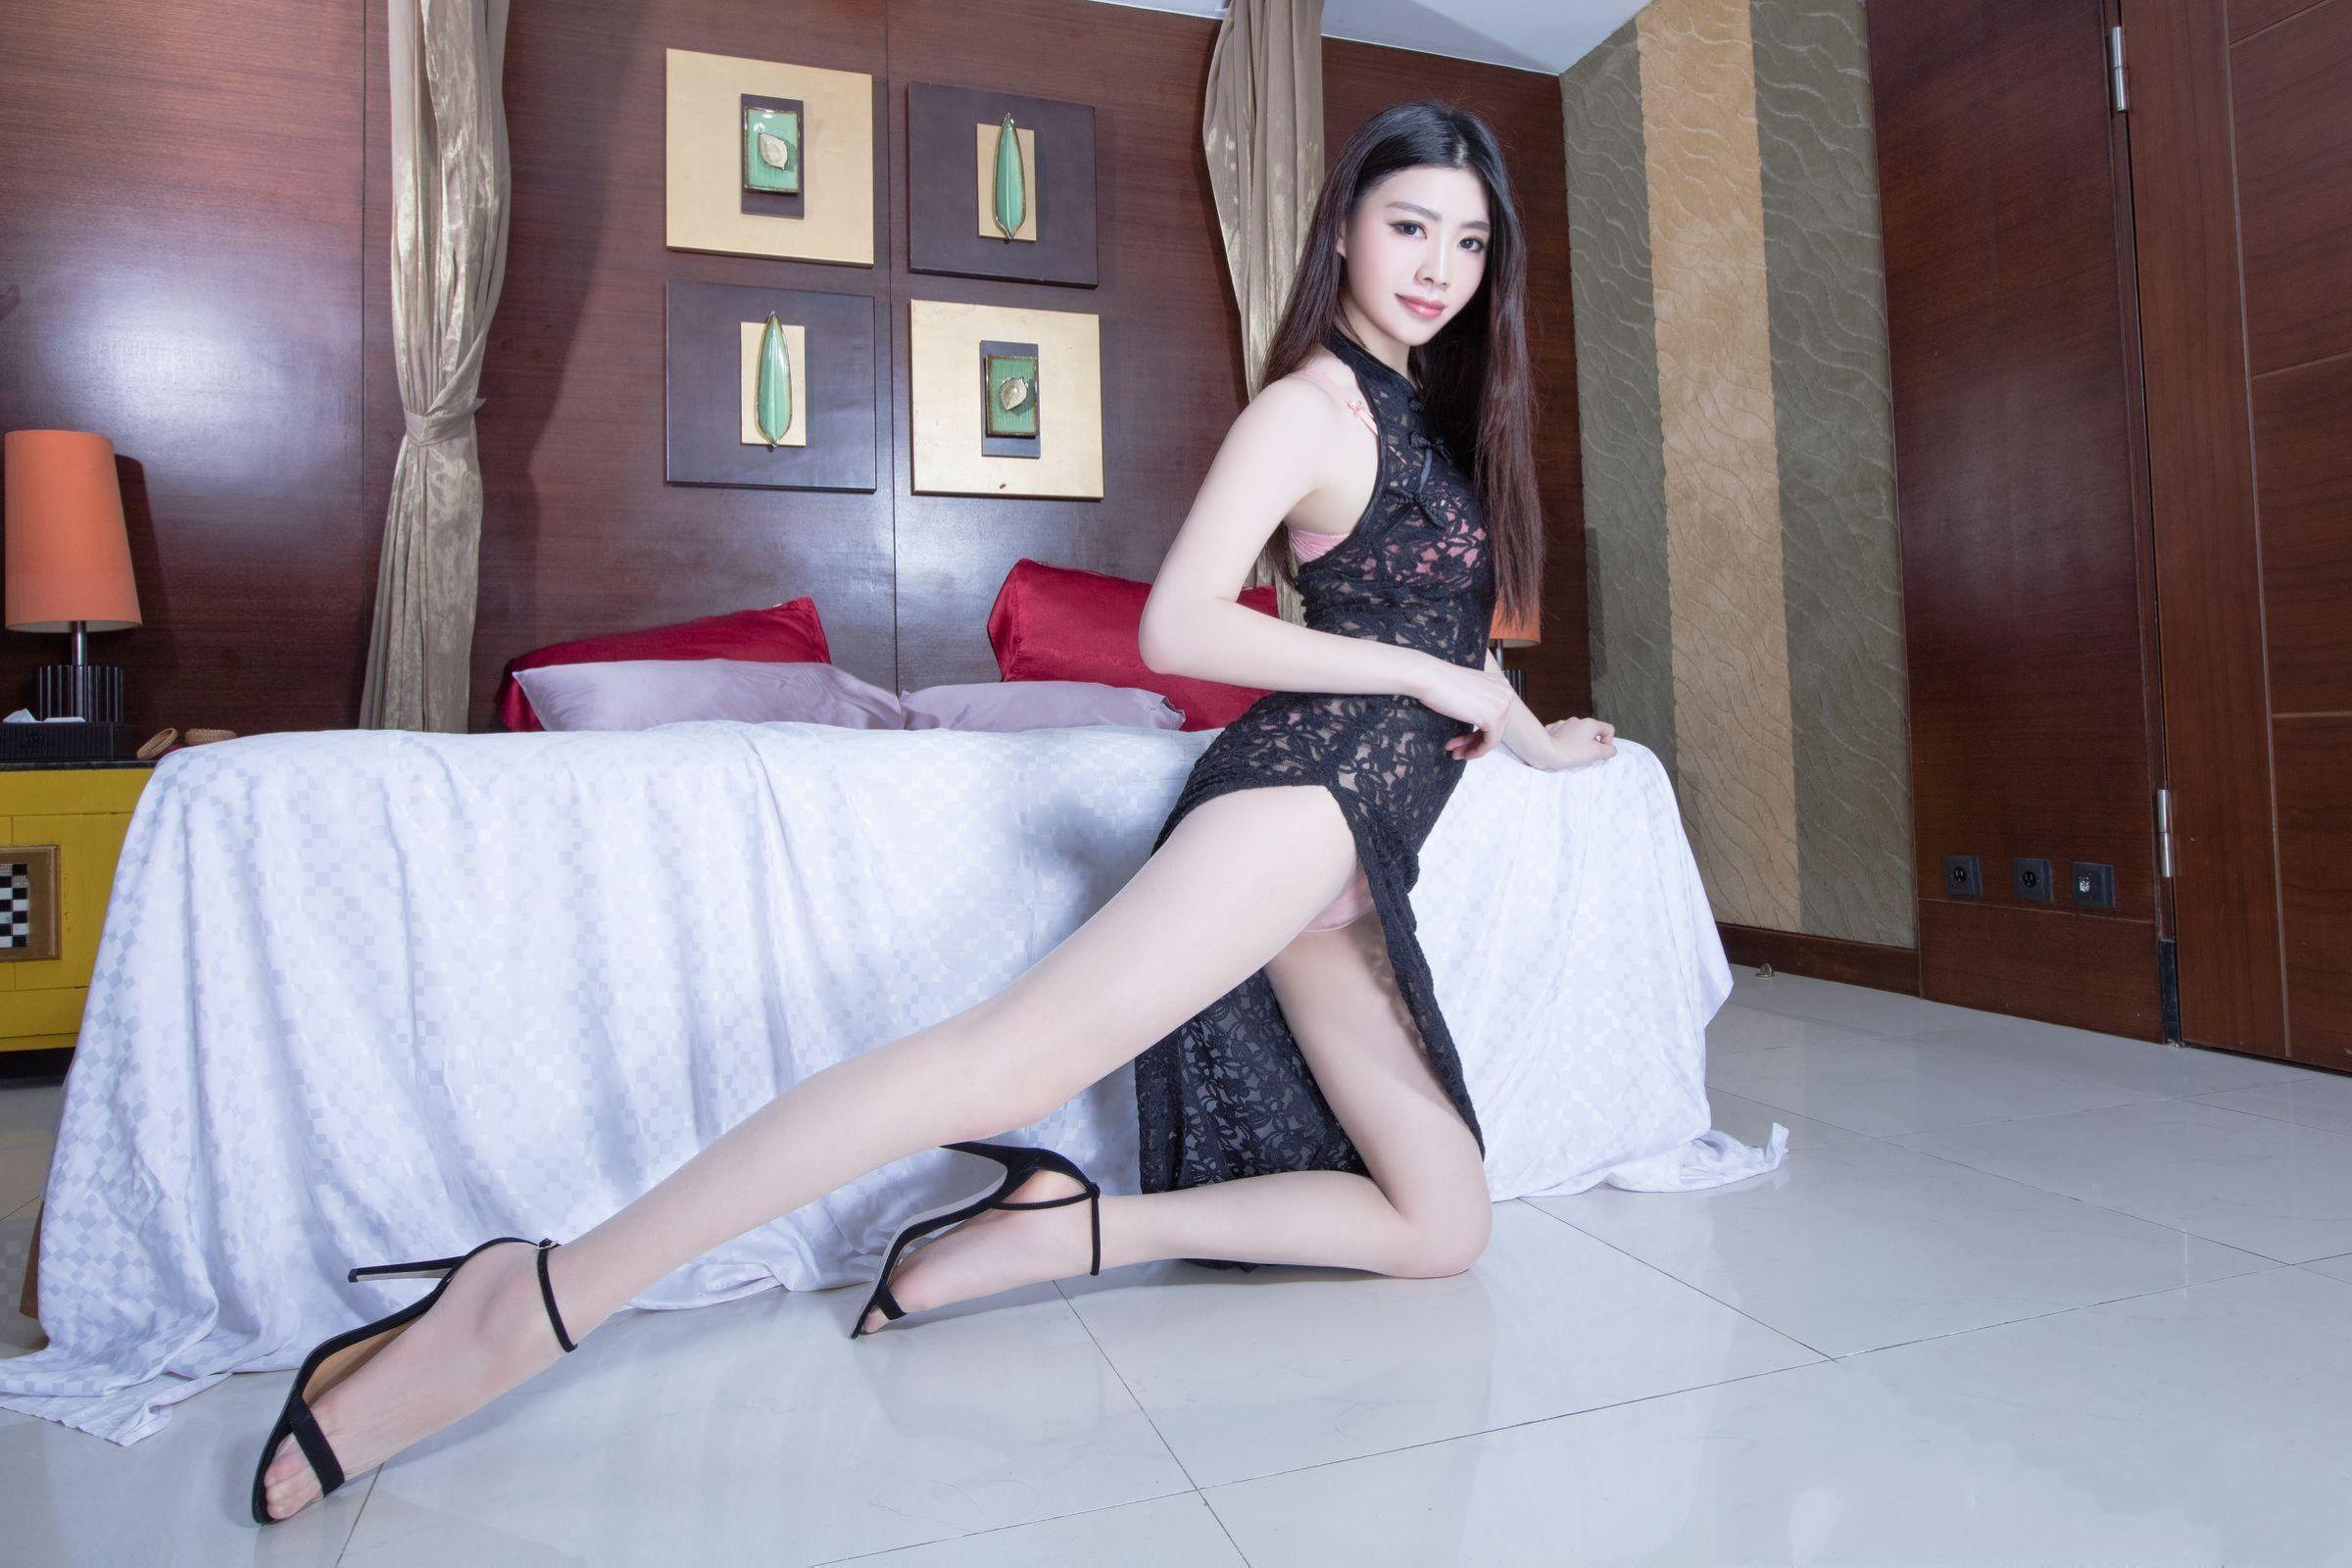 北彩美女美腿秀-Zoey[35P]oO797